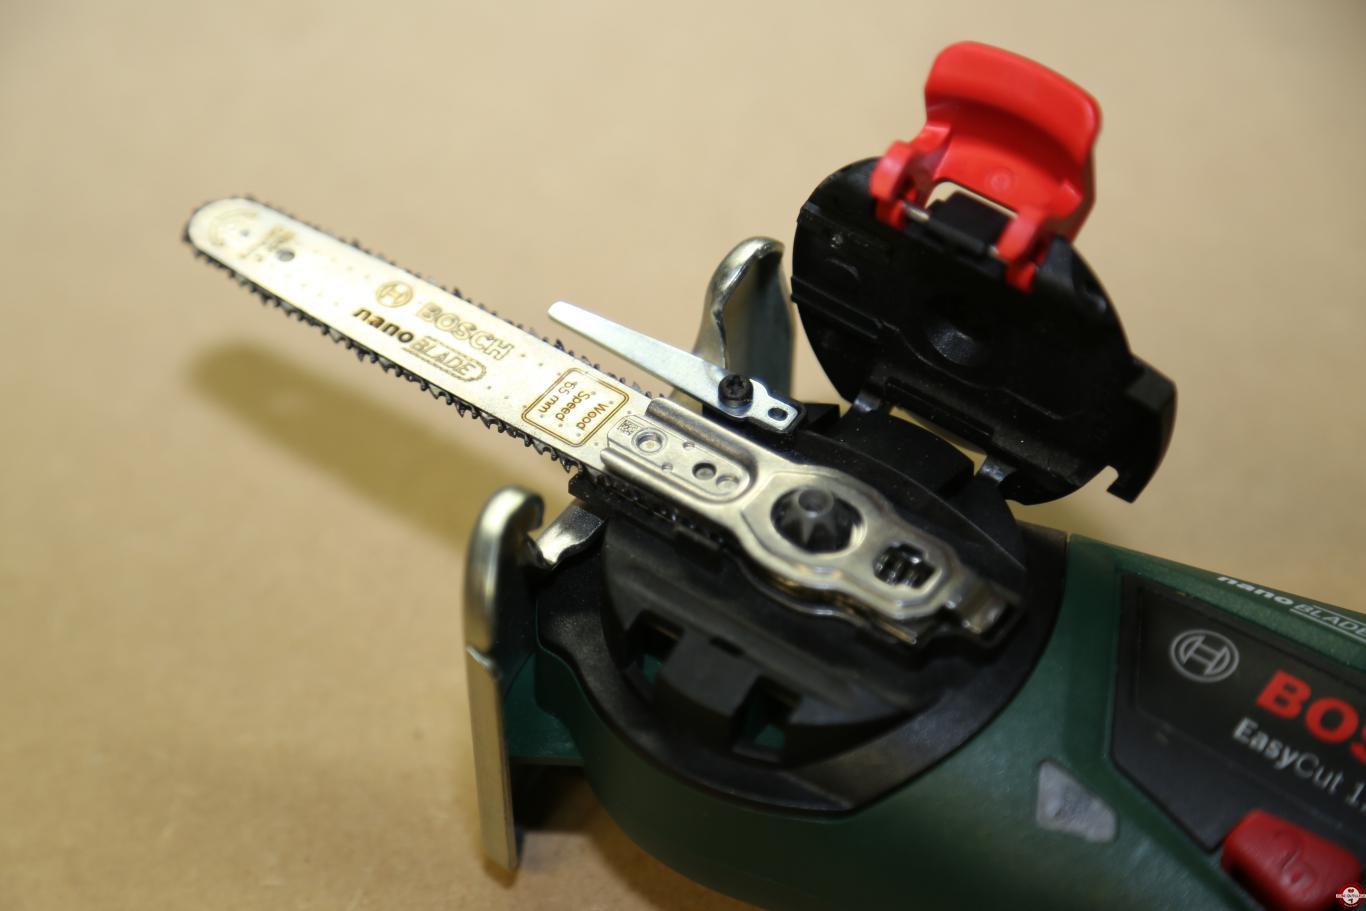 test de la scie easycut 12 à lame nanoblade bosch | bricolage